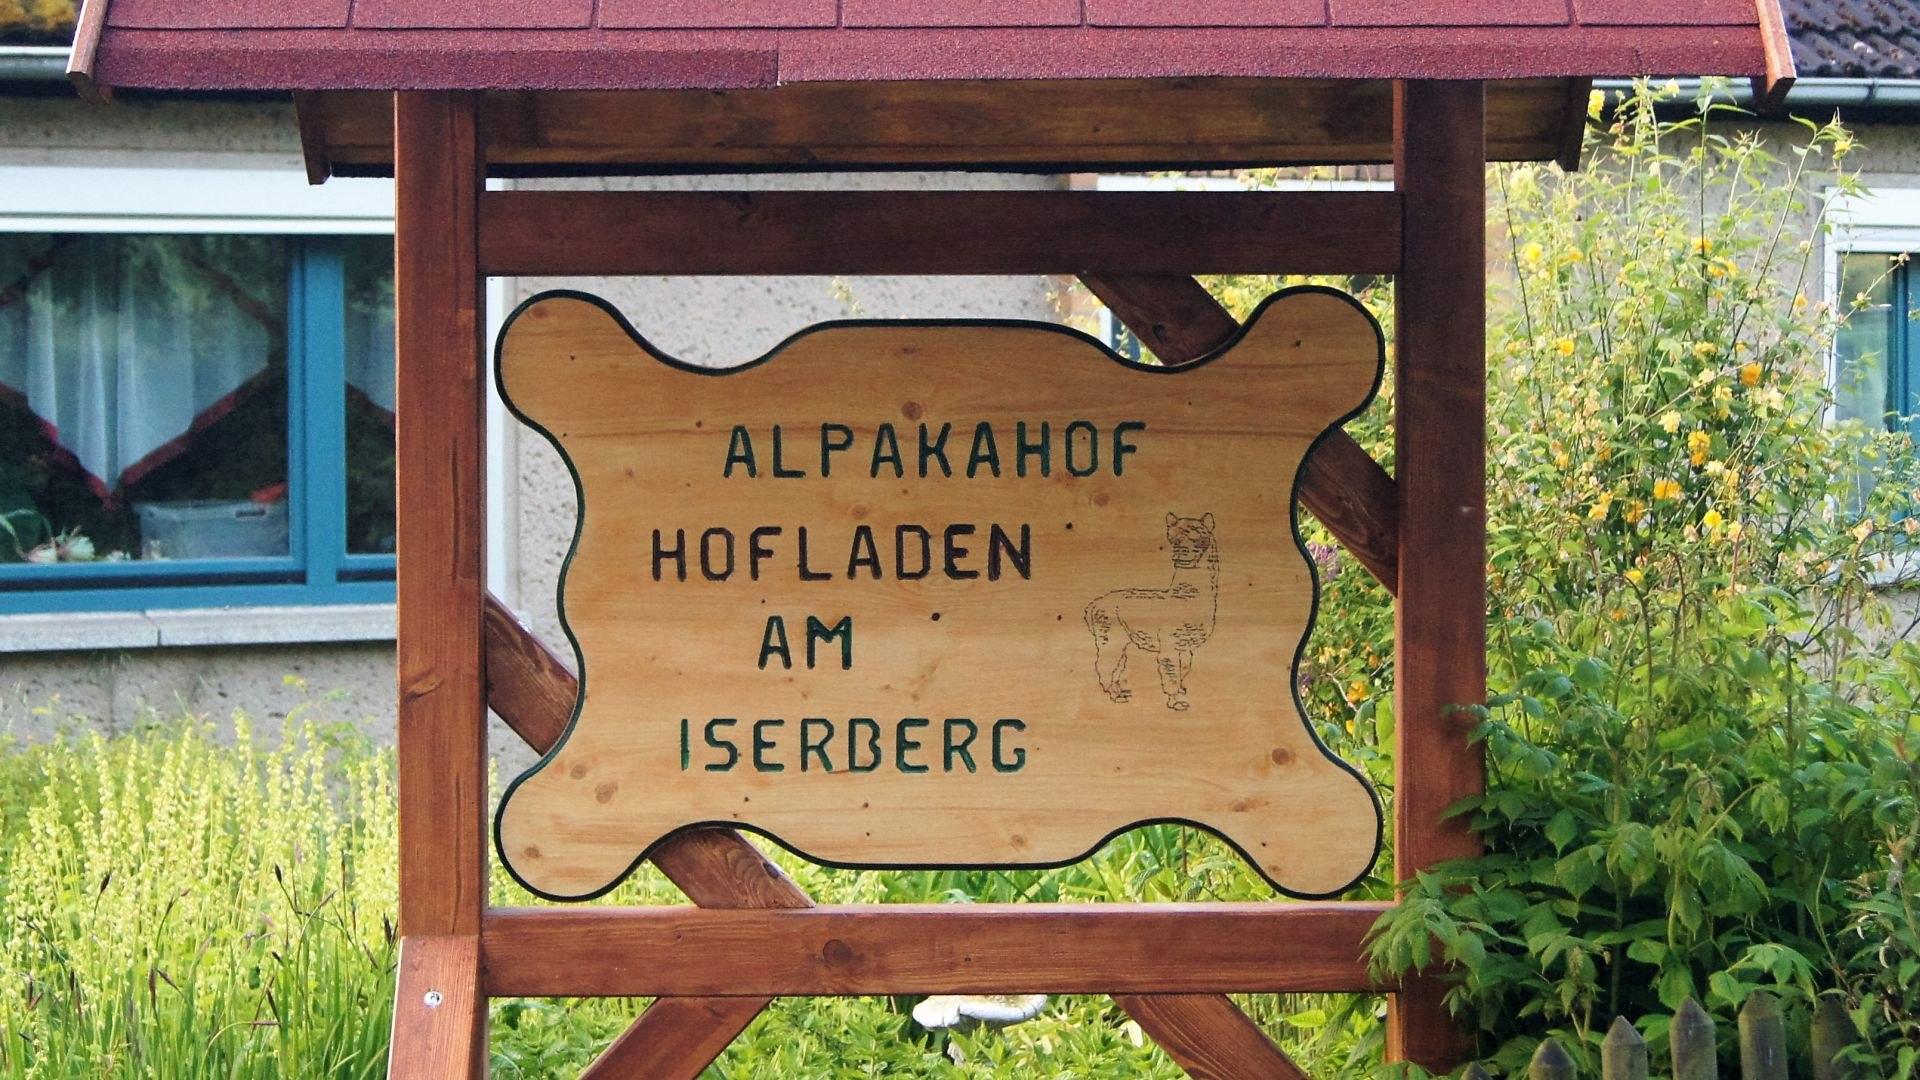 Unser Hof-Schild- gebaut von einer Einrichtung für psychisch Kranke und behinderte Menschen, © Marco Holter